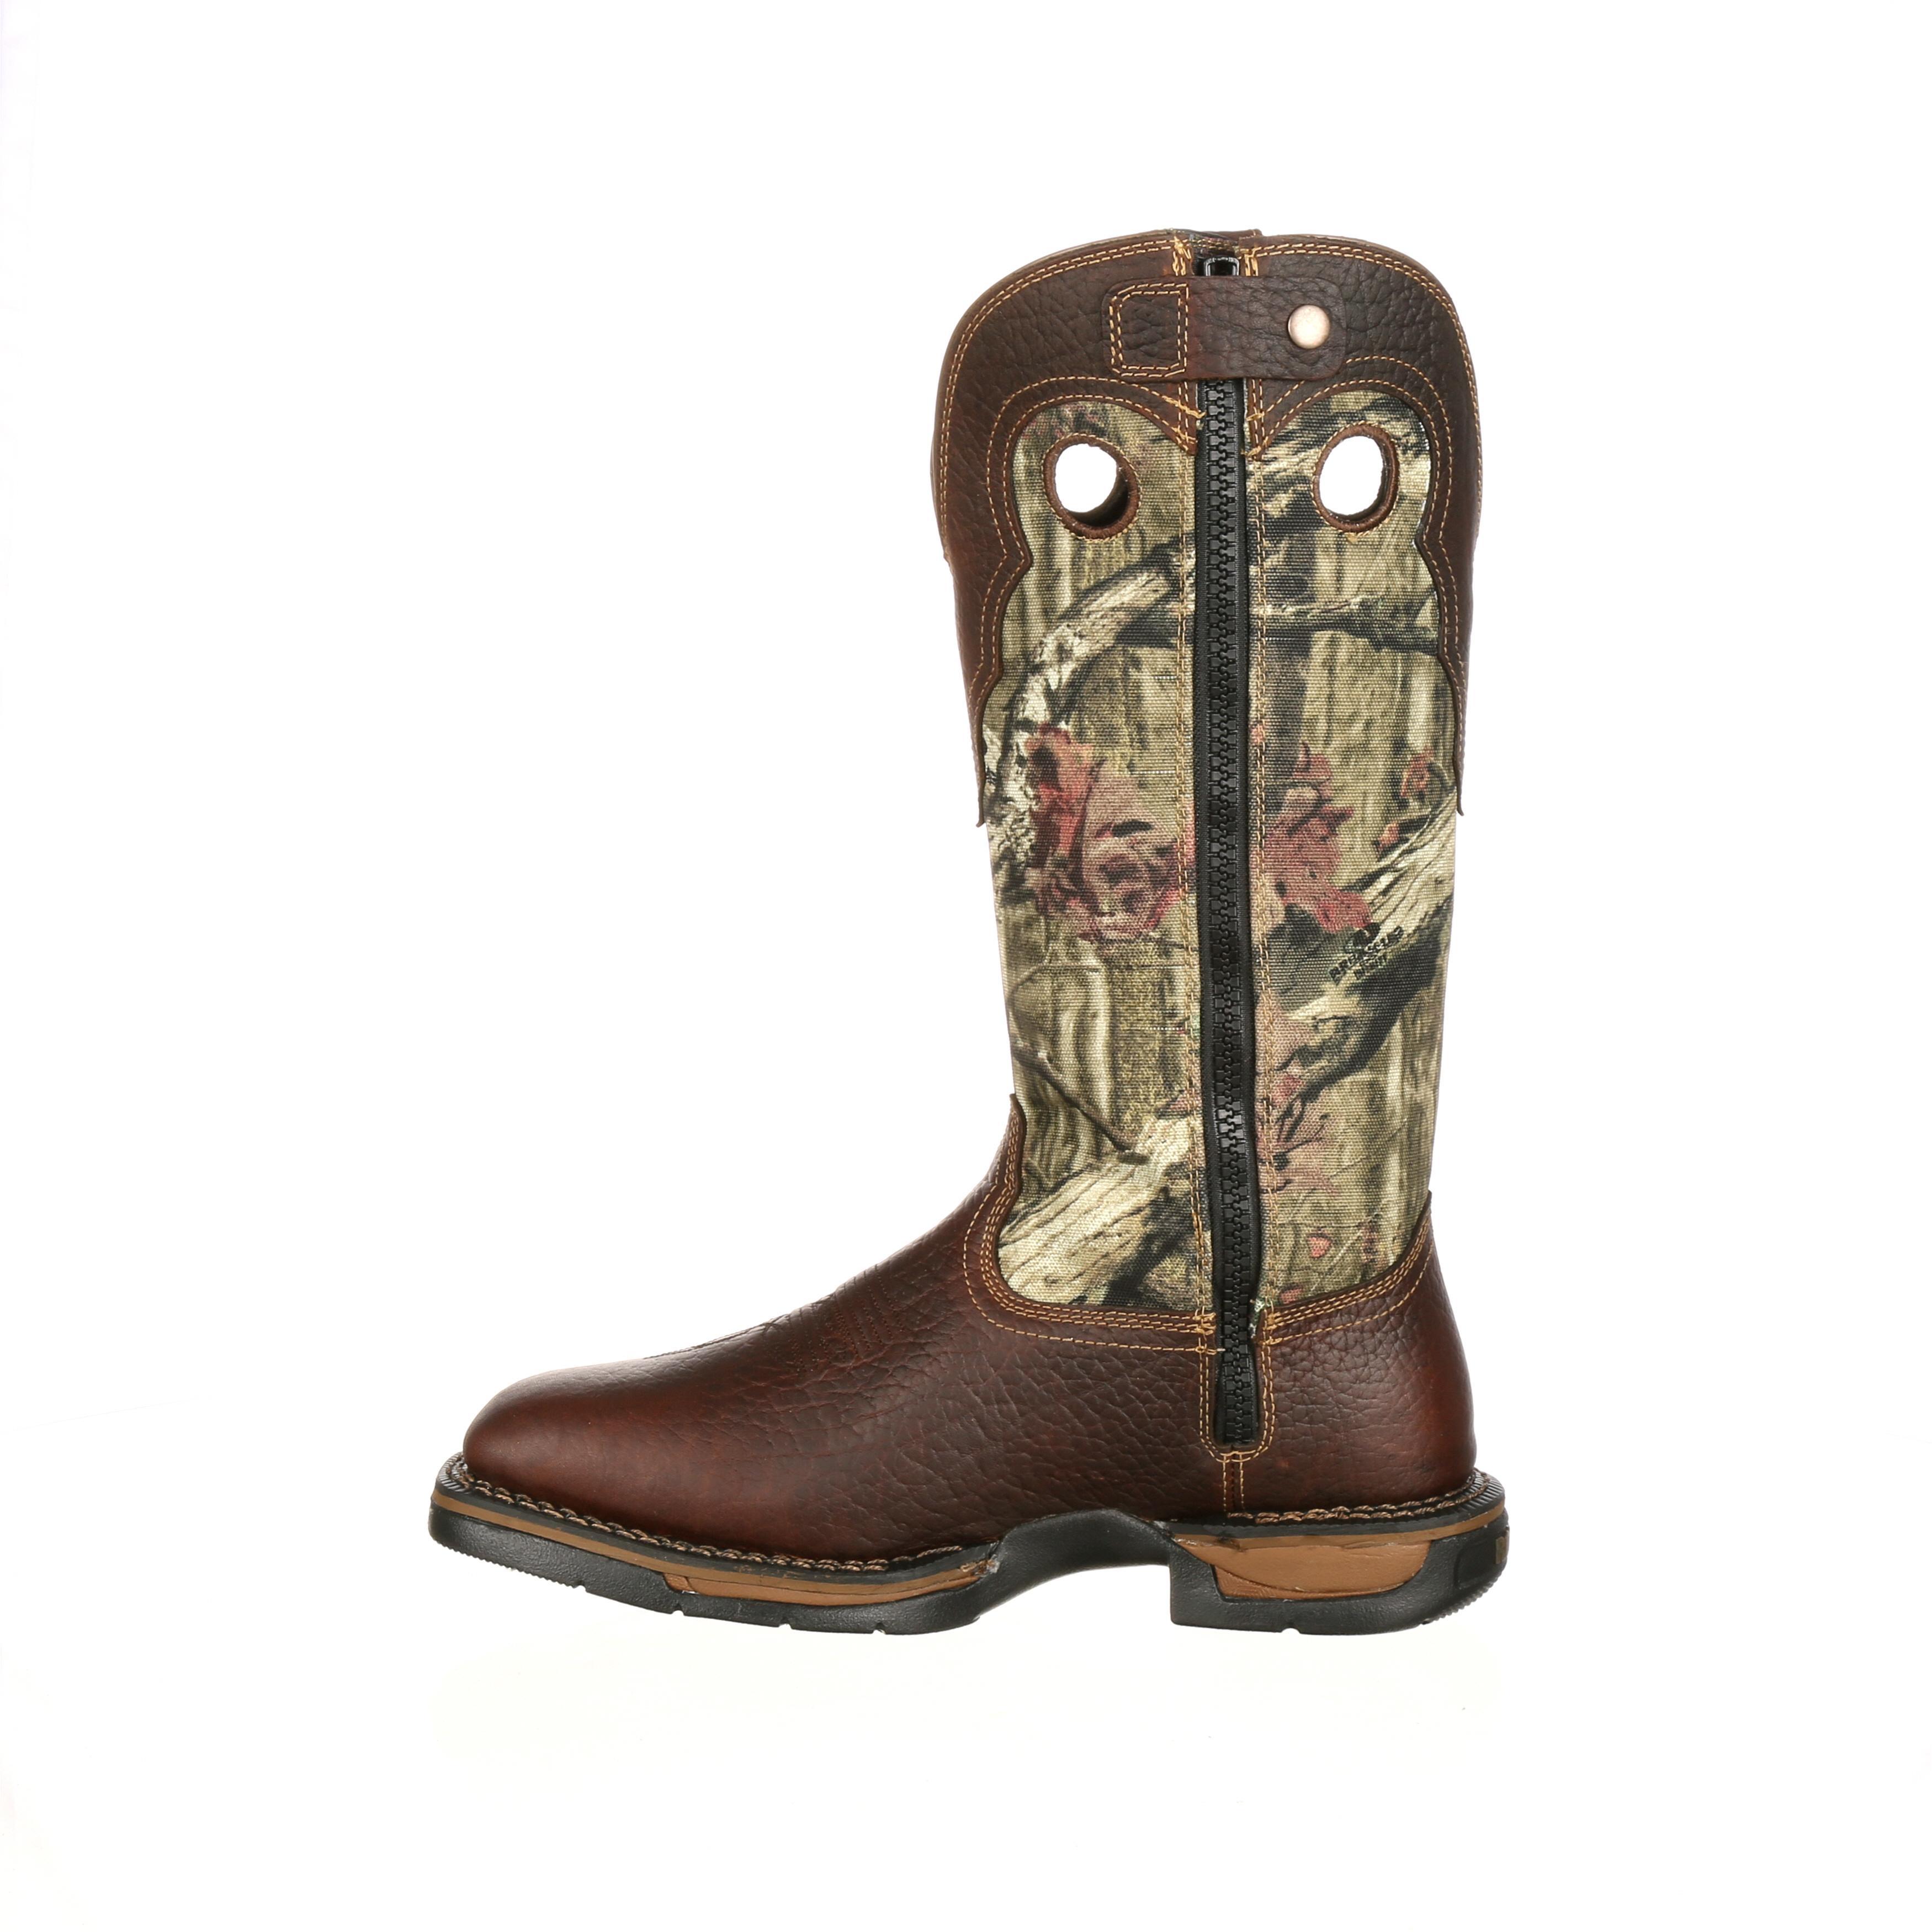 Rocky Long Range Waterproof Camo Snake Boots, FQ0009041